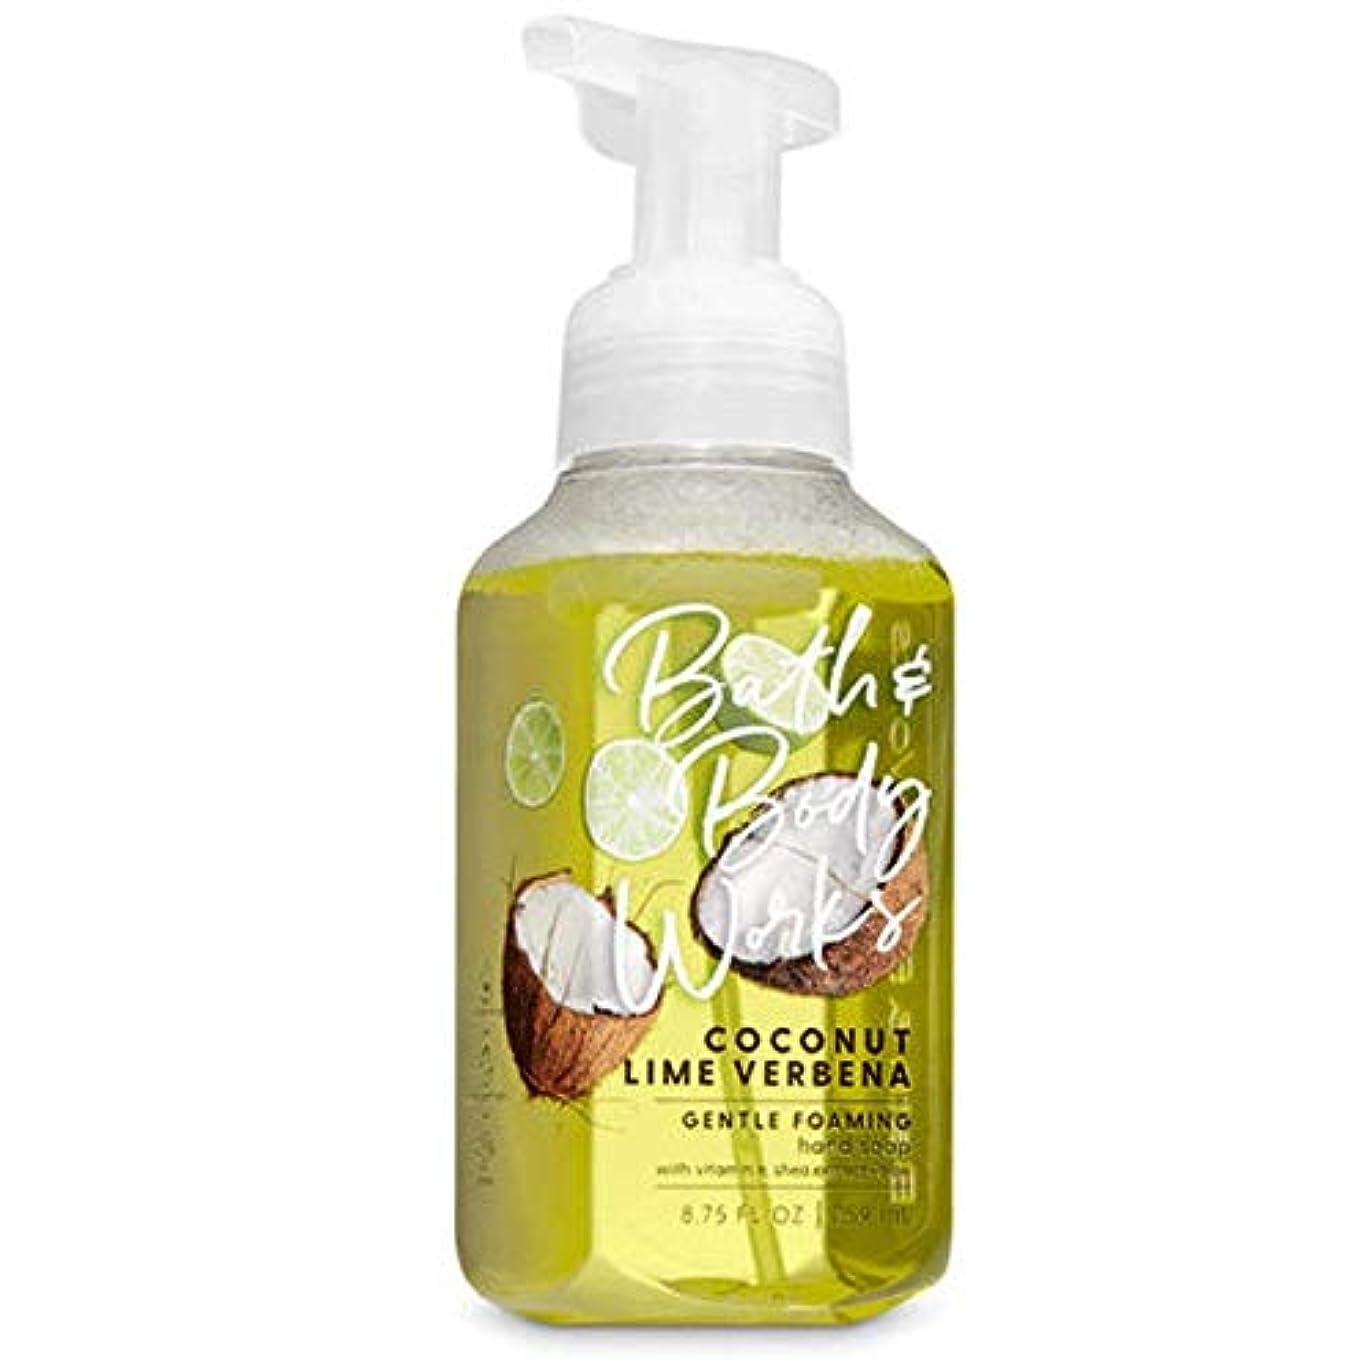 大陸重要性葉巻バス&ボディワークス ココナッツライムバーベナ ジェントル フォーミング ハンドソープ Coconut Lime Verbena Gentle Foaming Hand Soap